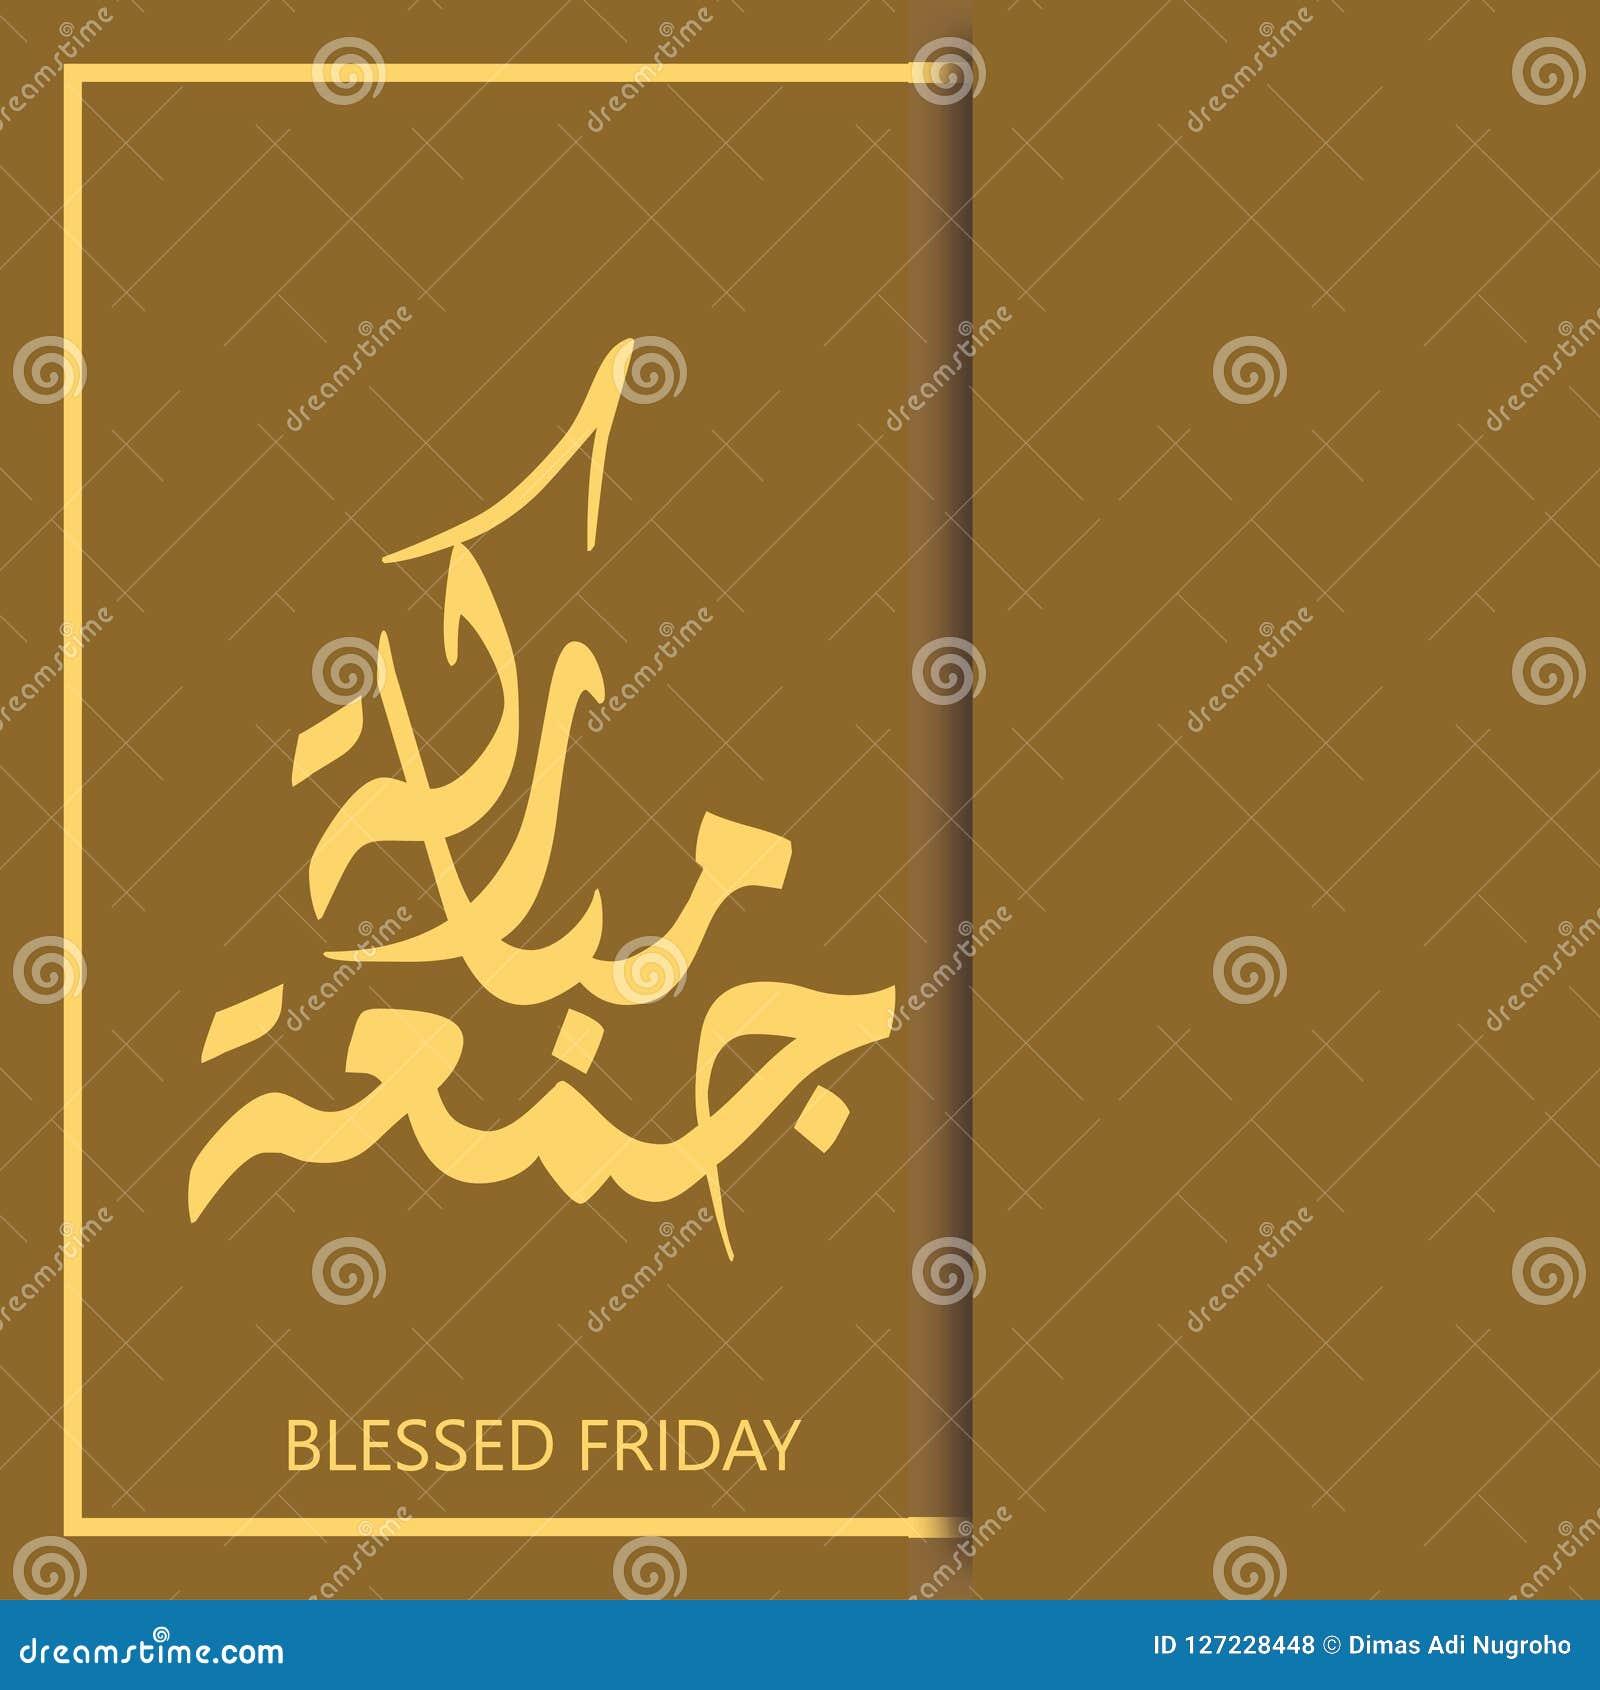 Jumma Mubarak Islamic Greeting Illustration Stock Vector